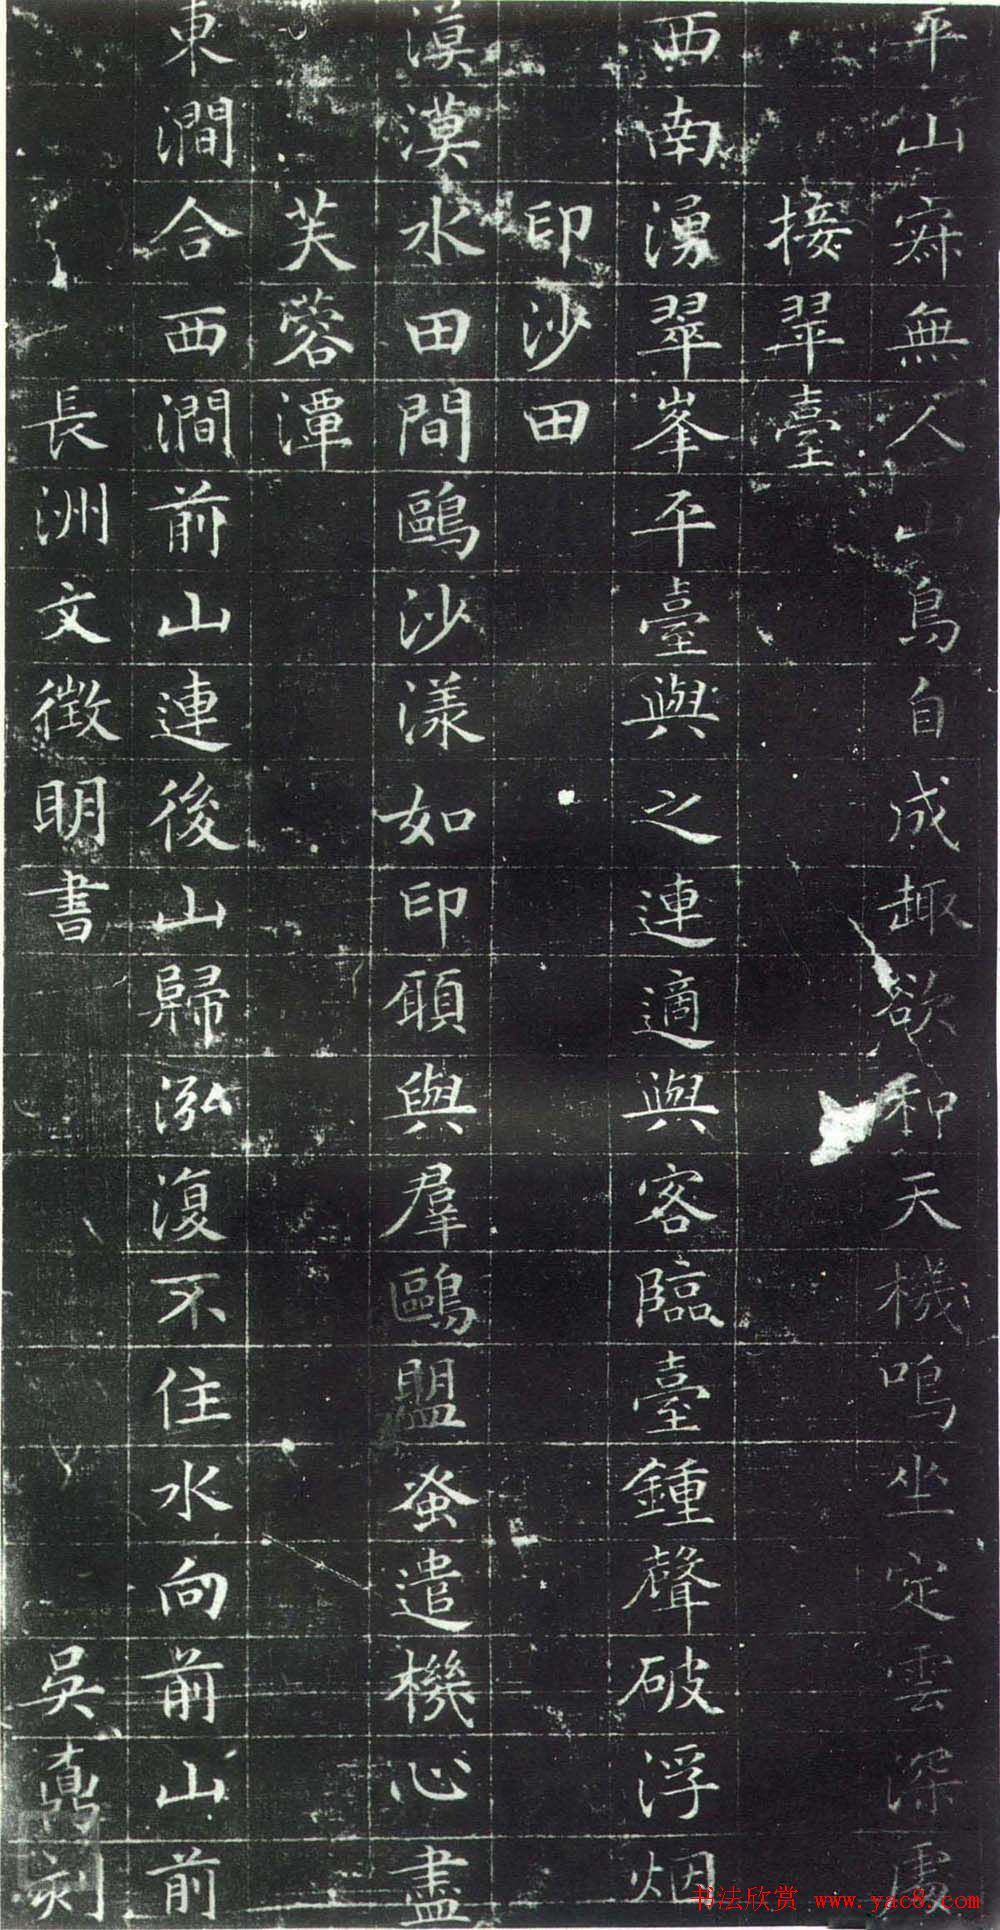 8-16 傅亚成书法长卷篆书兰亭序 8-16 书法字帖欣赏《启功行书技法》图片